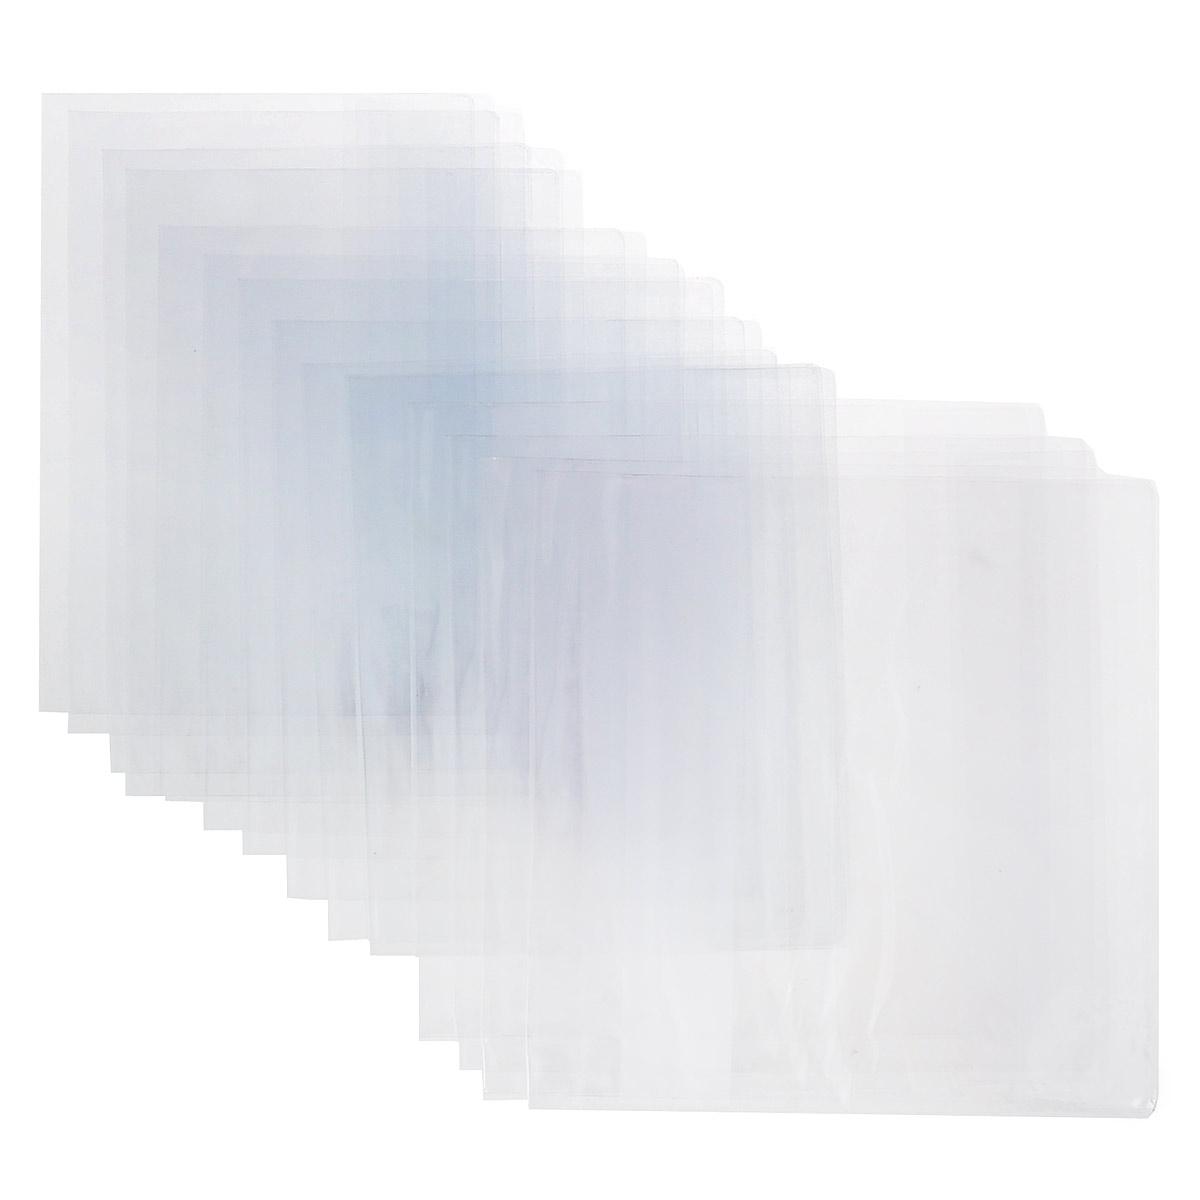 Набор обложек для старших классов Брупак, цвет: прозрачный, 15 штК10-02Прозрачные гладкие обложки, выполненные из ПВХ, защитят учебники и тетради от загрязнений на всем протяжении их использования. Комплект включает в себя пятнадцать обложек: четыре универсальные обложки для учебников размером 23 см х 46,5 см, четыре обложки для учебников старших классов размером 23 см х 33 см, семь обложек для тетрадей и дневников размером 21 см х 35,5 см.